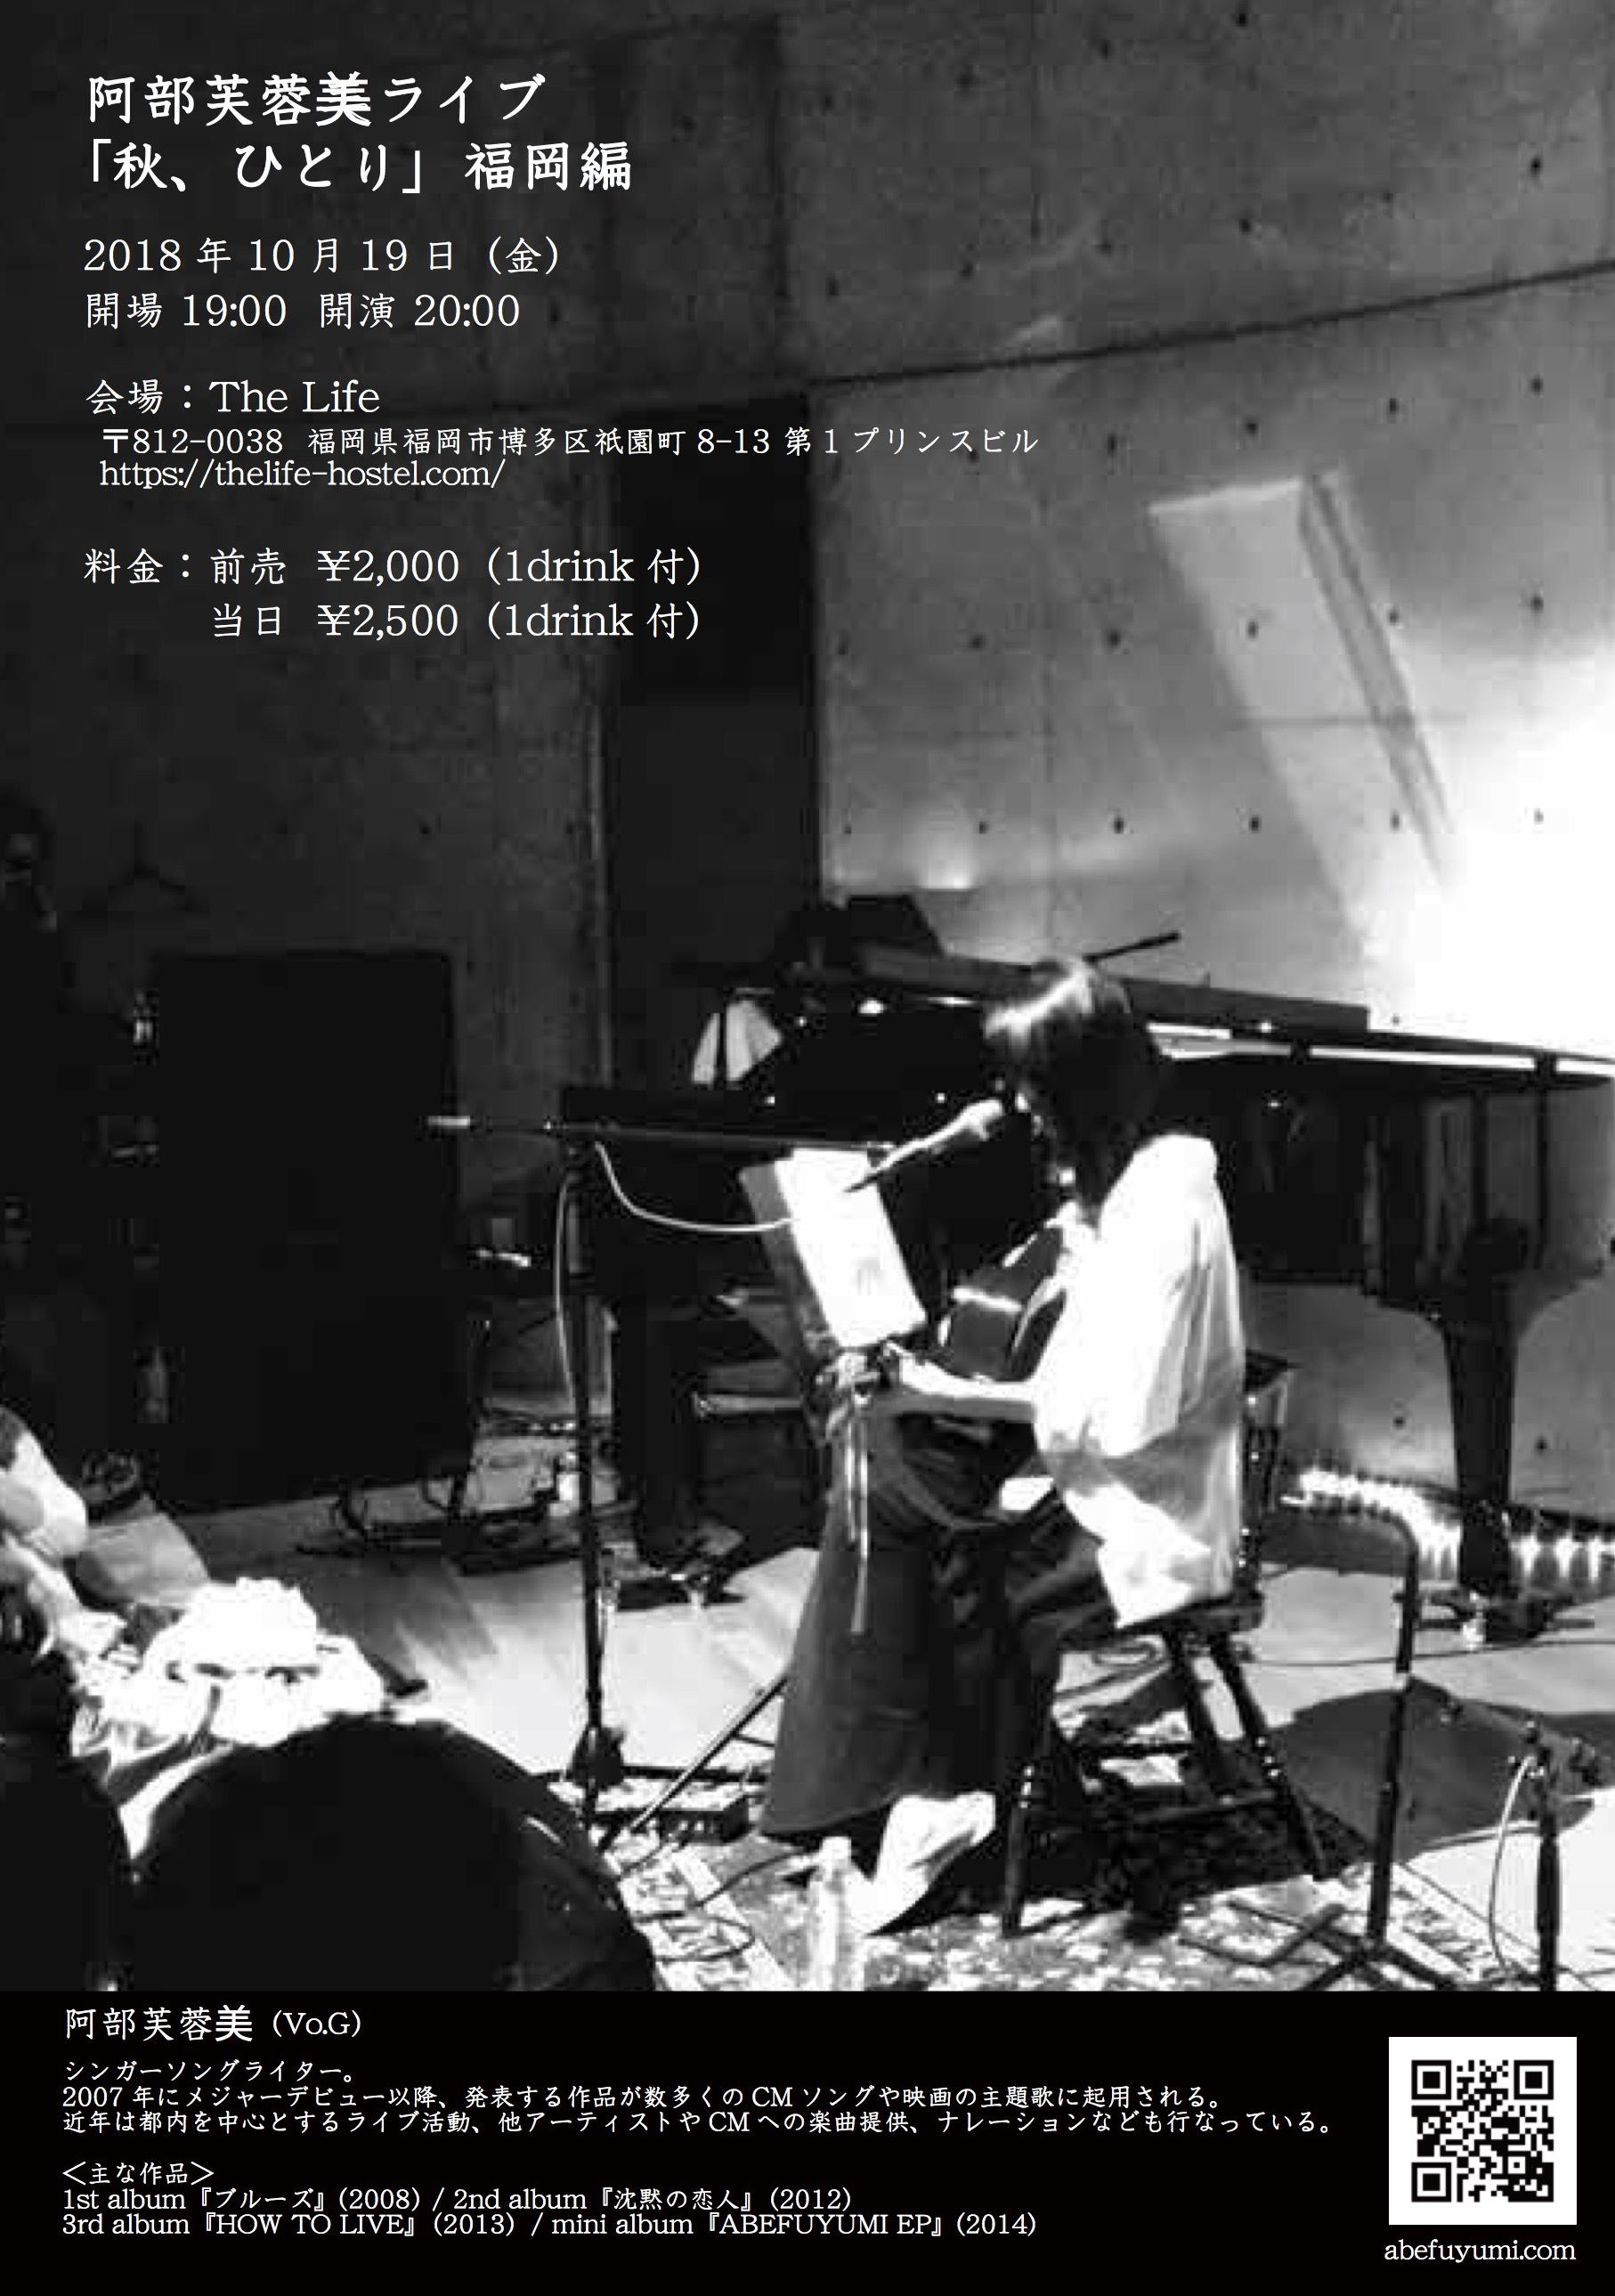 阿部芙蓉美ライブ「秋、ひとり」福岡編